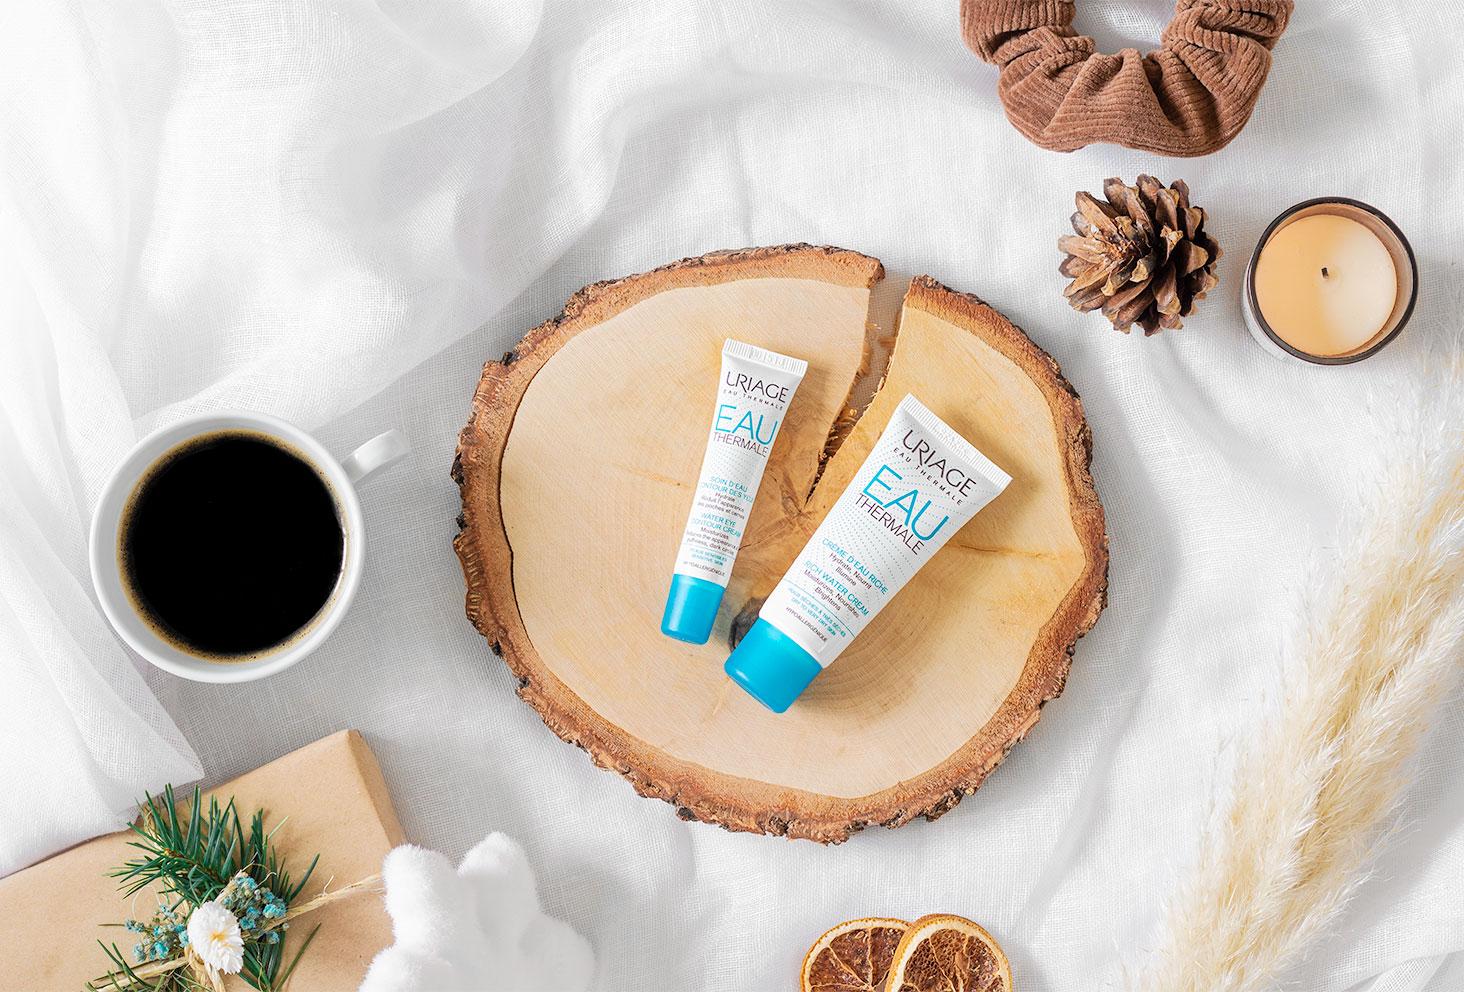 La crème riche et le soin contour des yeux de la gamme hydratation d'Uriage, posés sur un rondin de bois sur un lit, avec un café